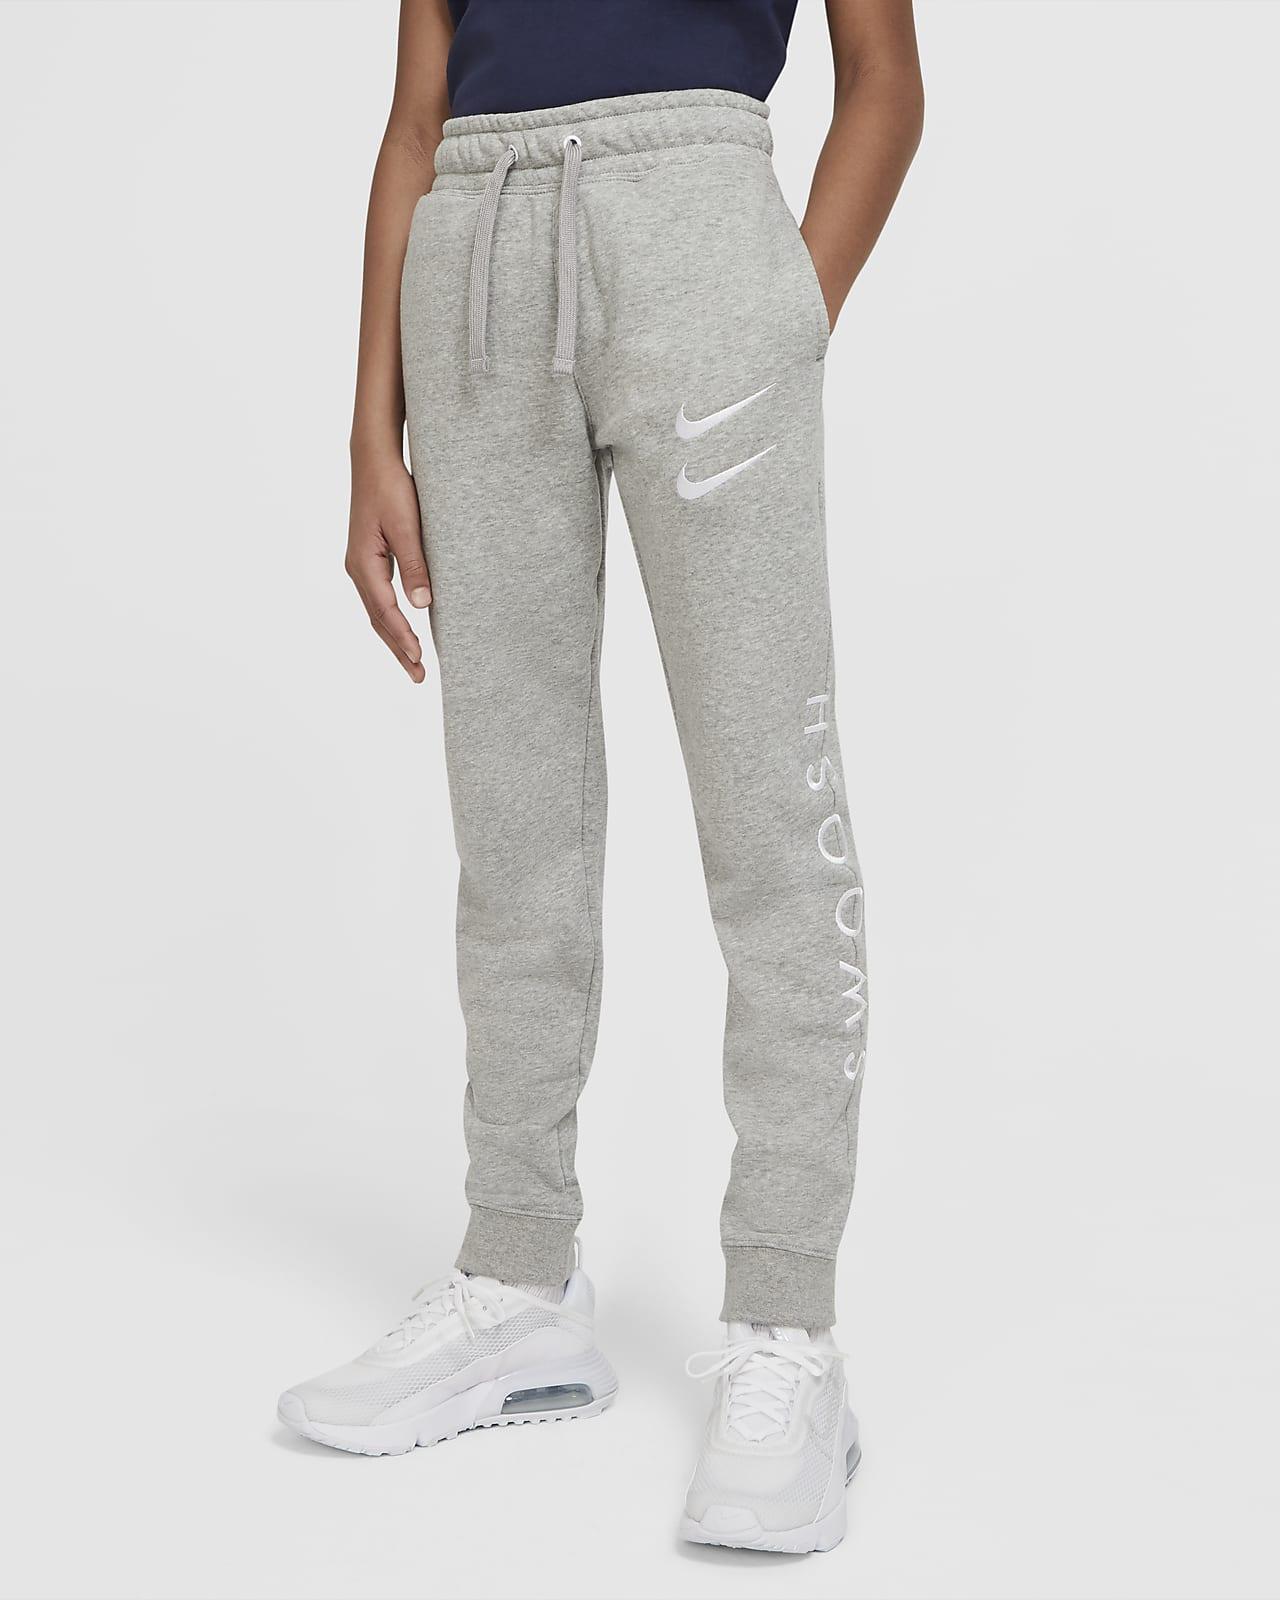 Παντελόνι Nike Sportswear Swoosh για μεγάλα αγόρια